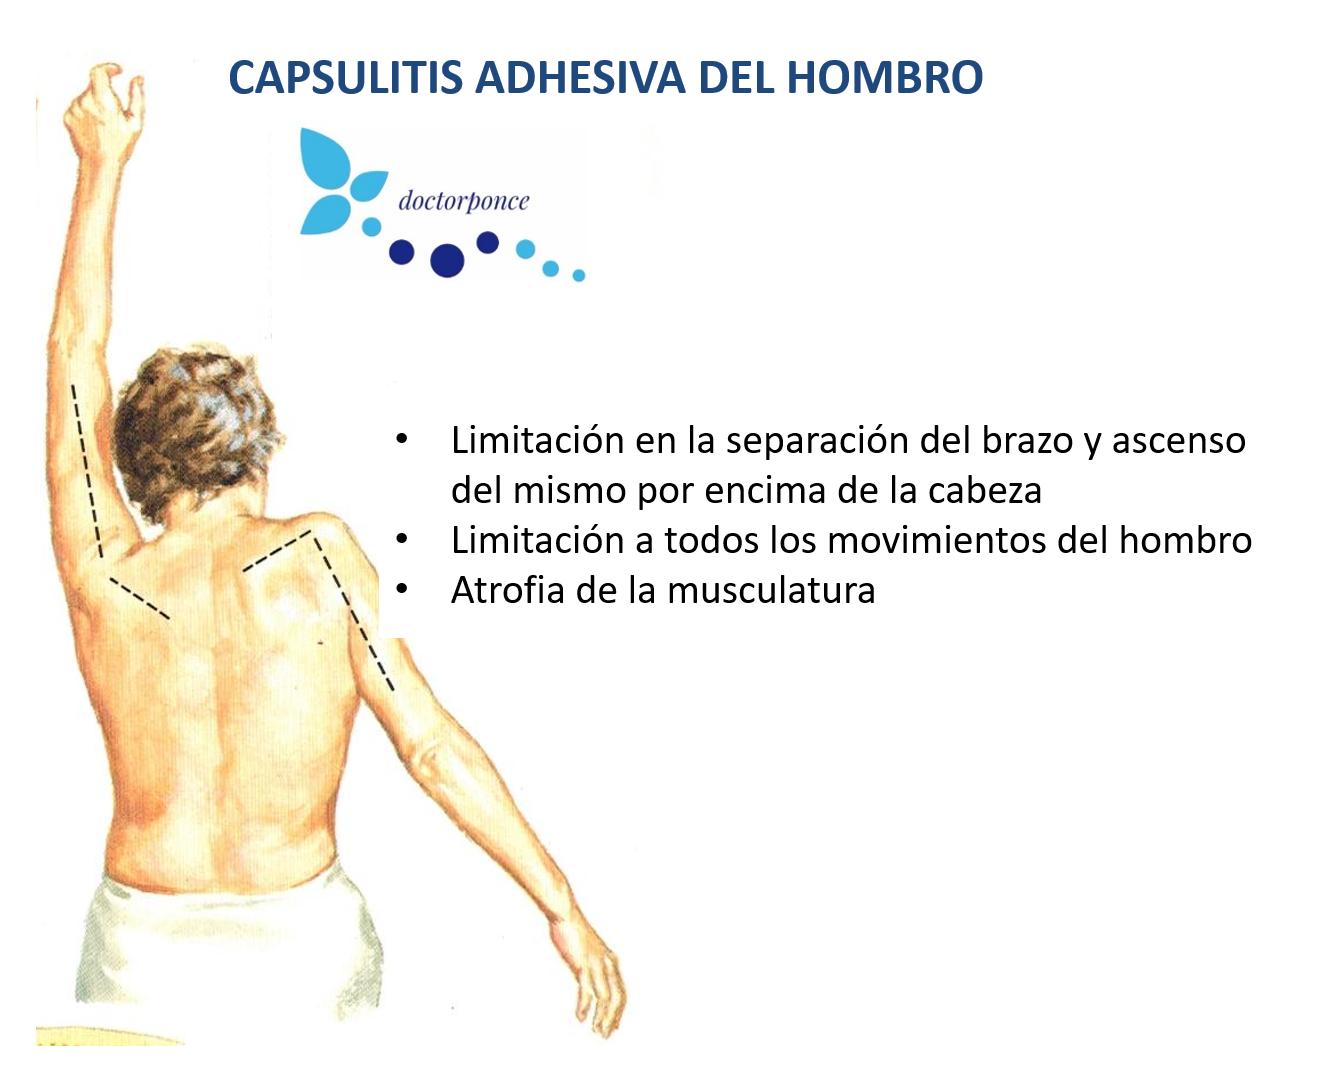 Capsulitis adhesiva del hombro